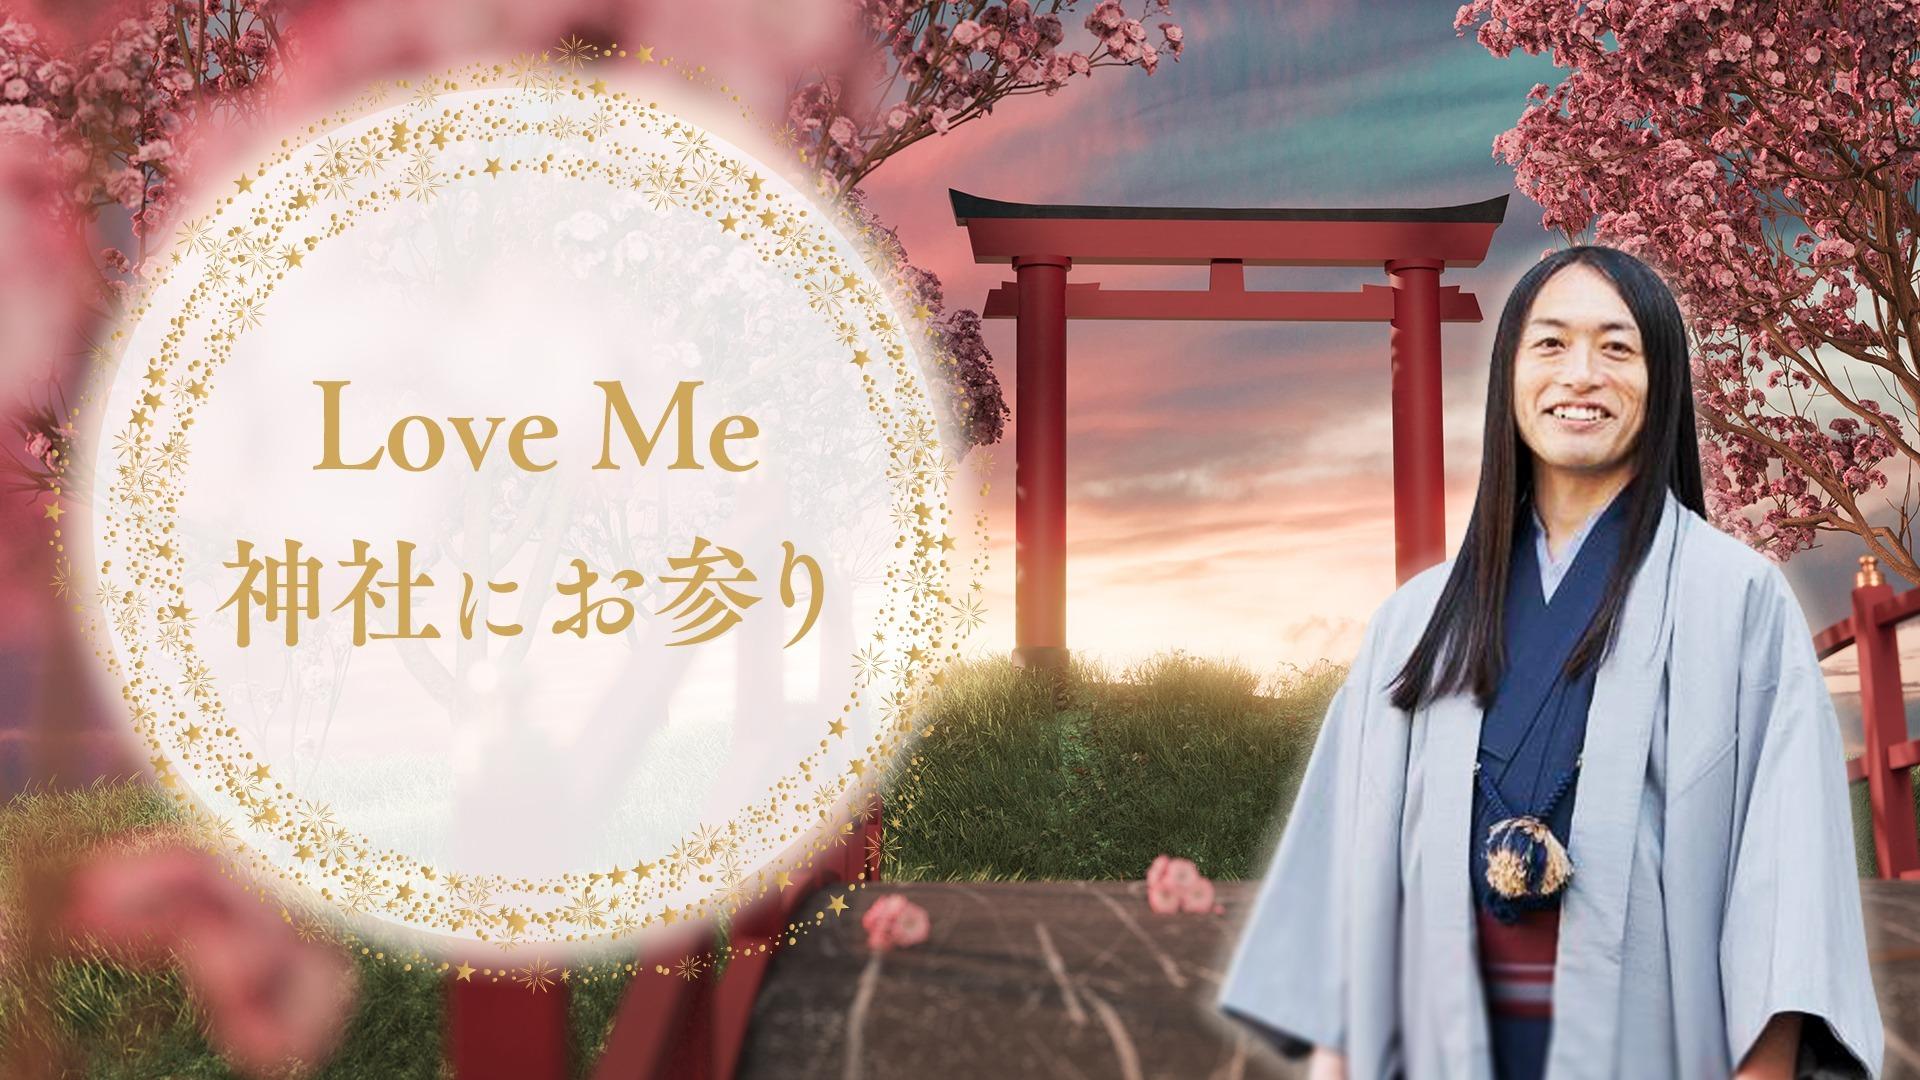 Love Me 神社にお参り